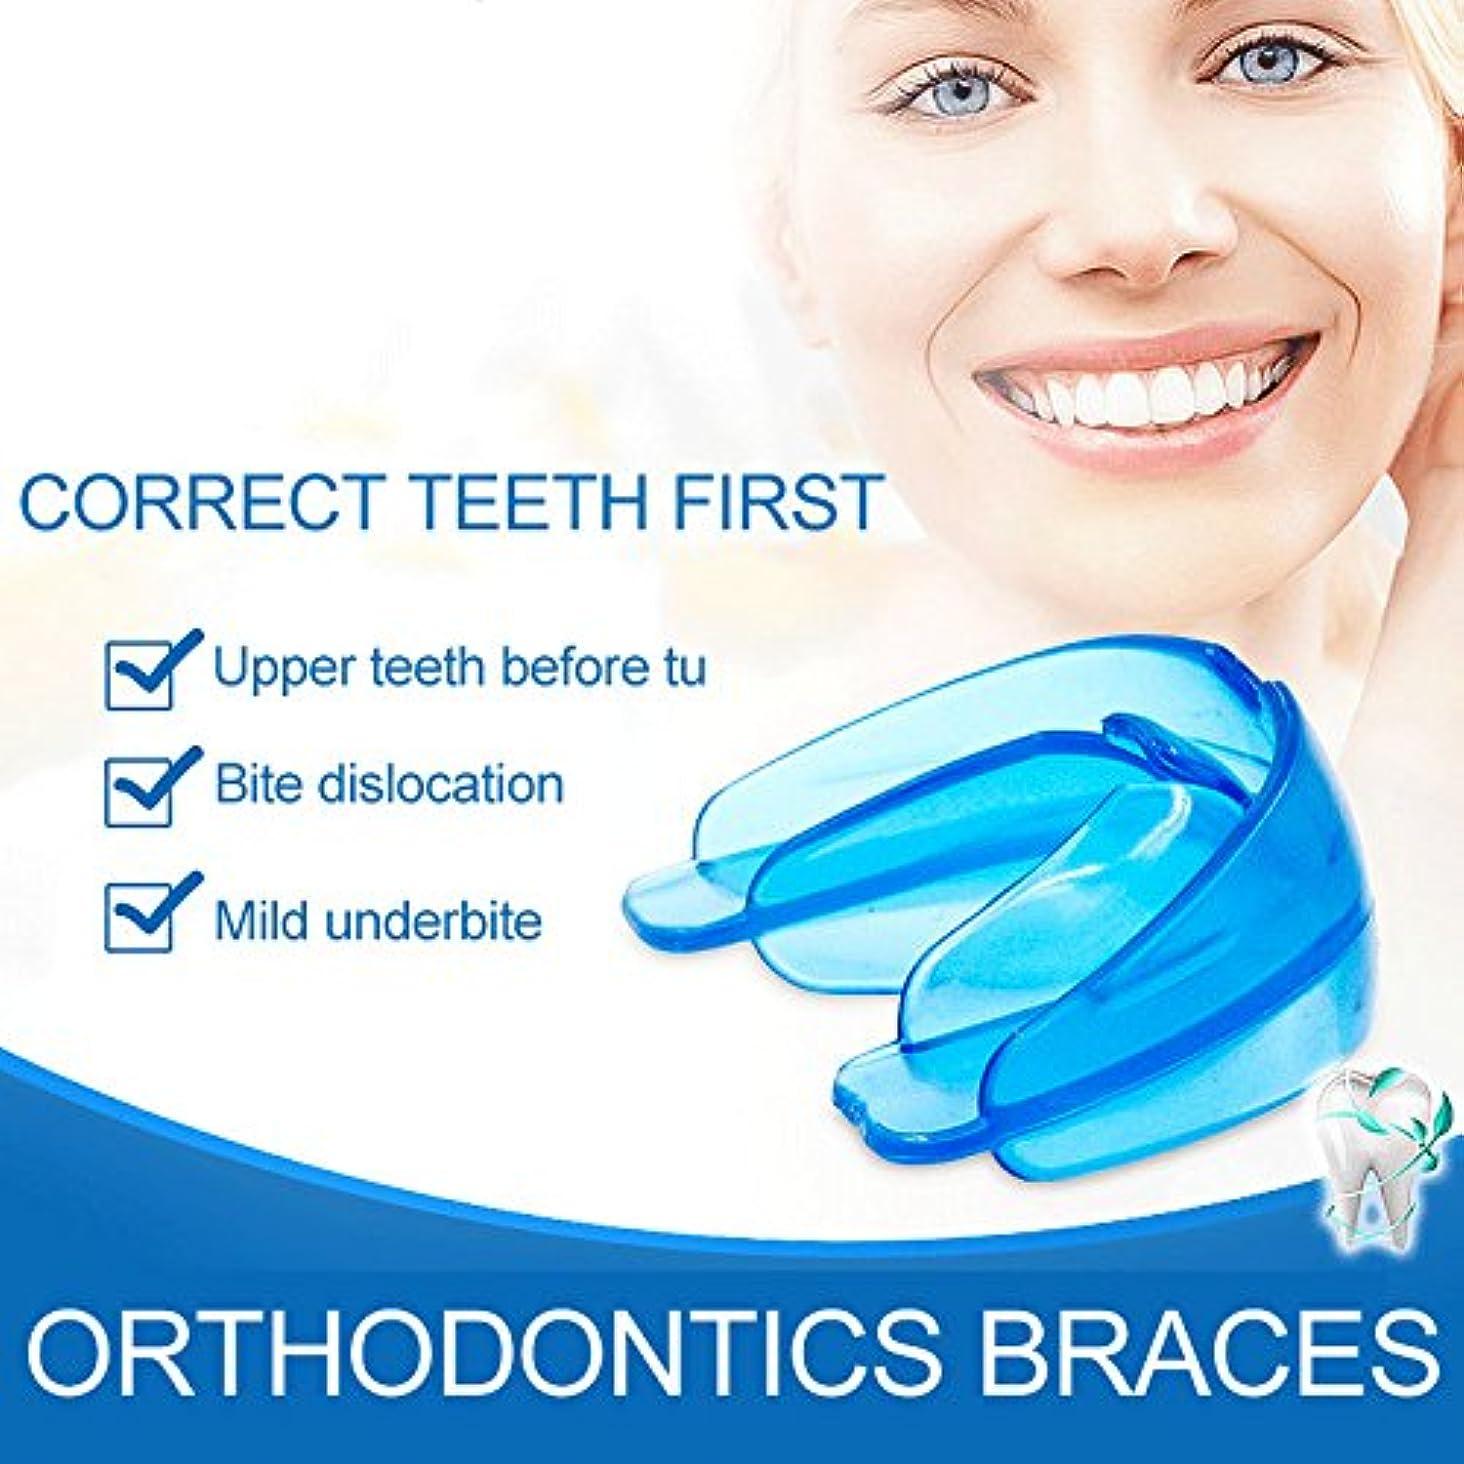 中に対応絶えず歯科矯正 歯科 矯正用固位器 直歯システム 使いやすい ブルー